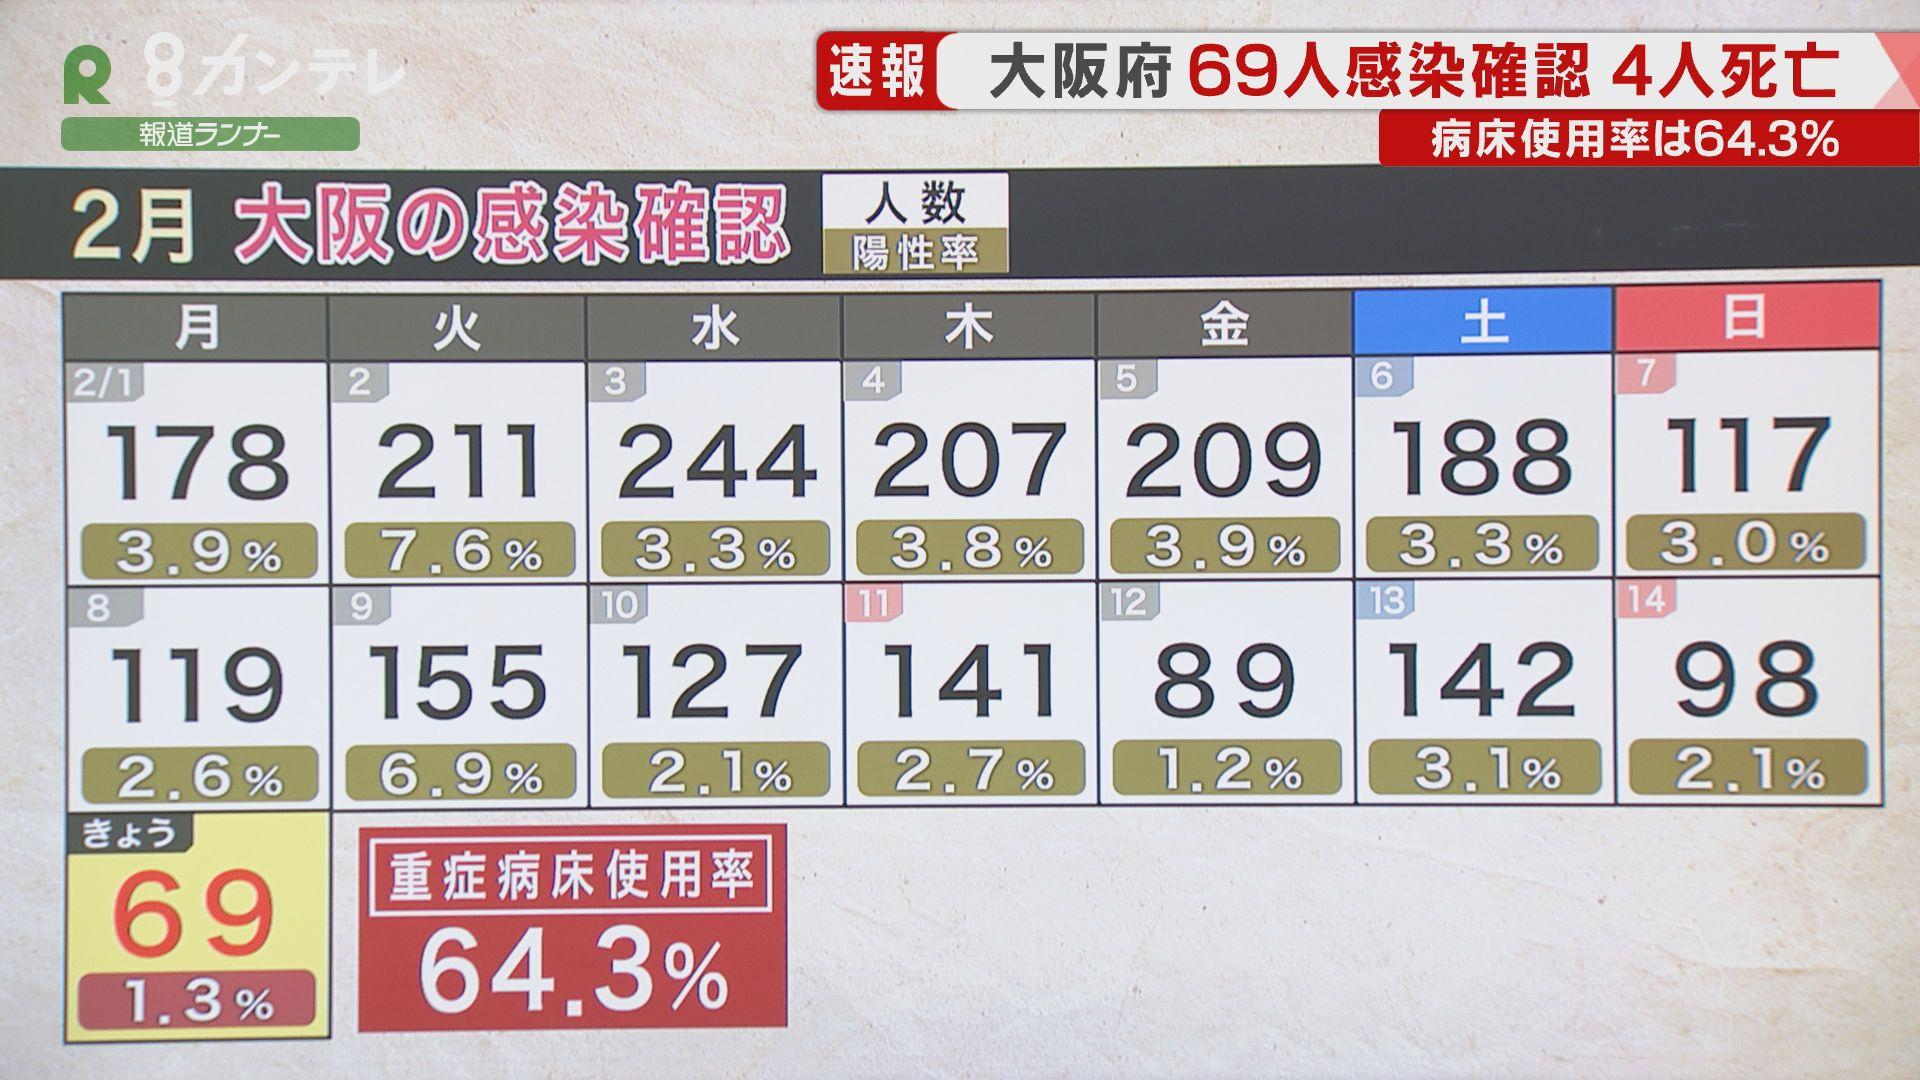 【速報】大阪で新たに69人の感染確認 感染者4人が死亡